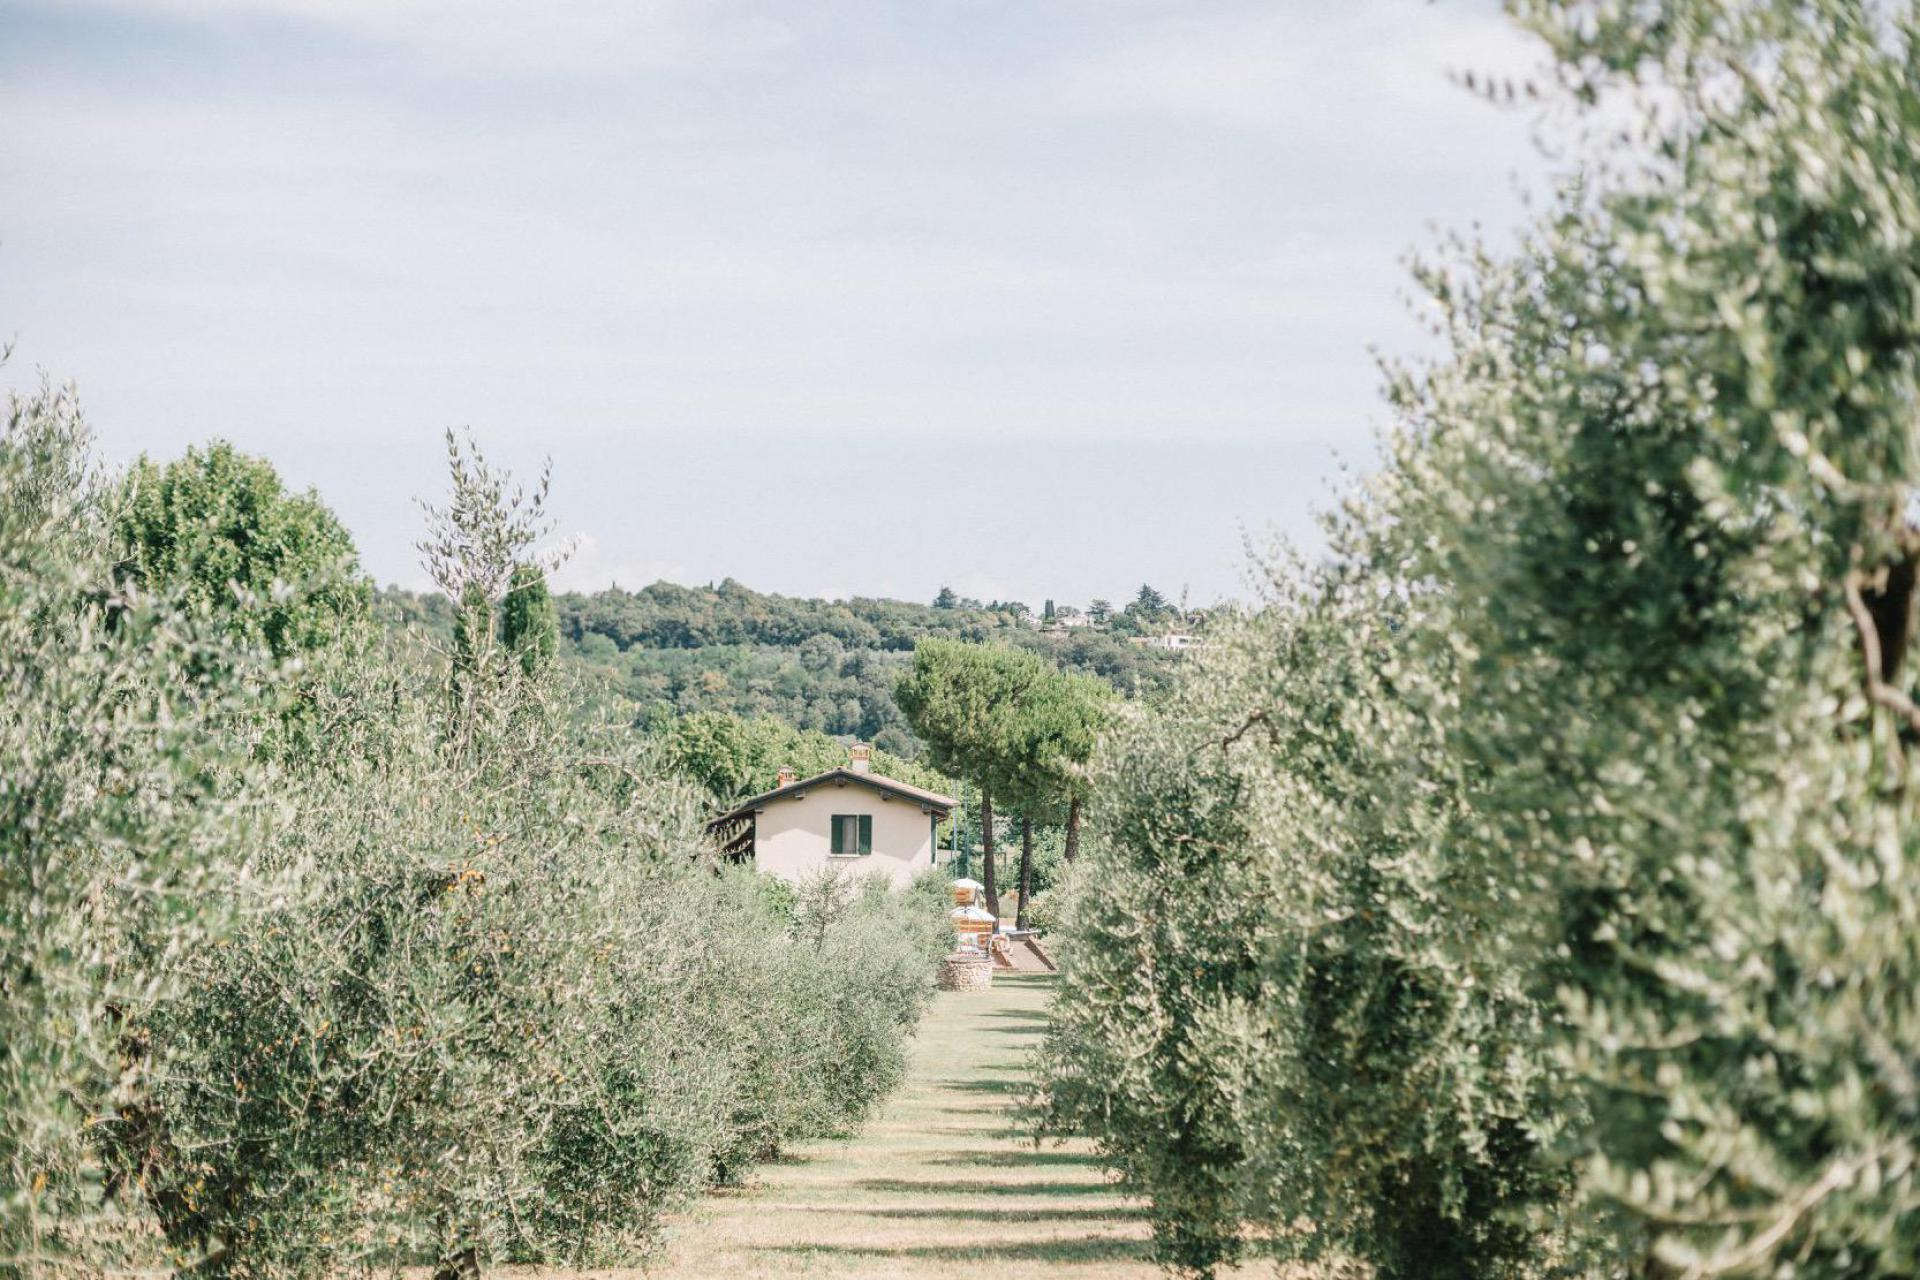 Agriturismo Lago di Como e lago di Garda Agriturismo lago di Garda per famiglie, posizione centrale